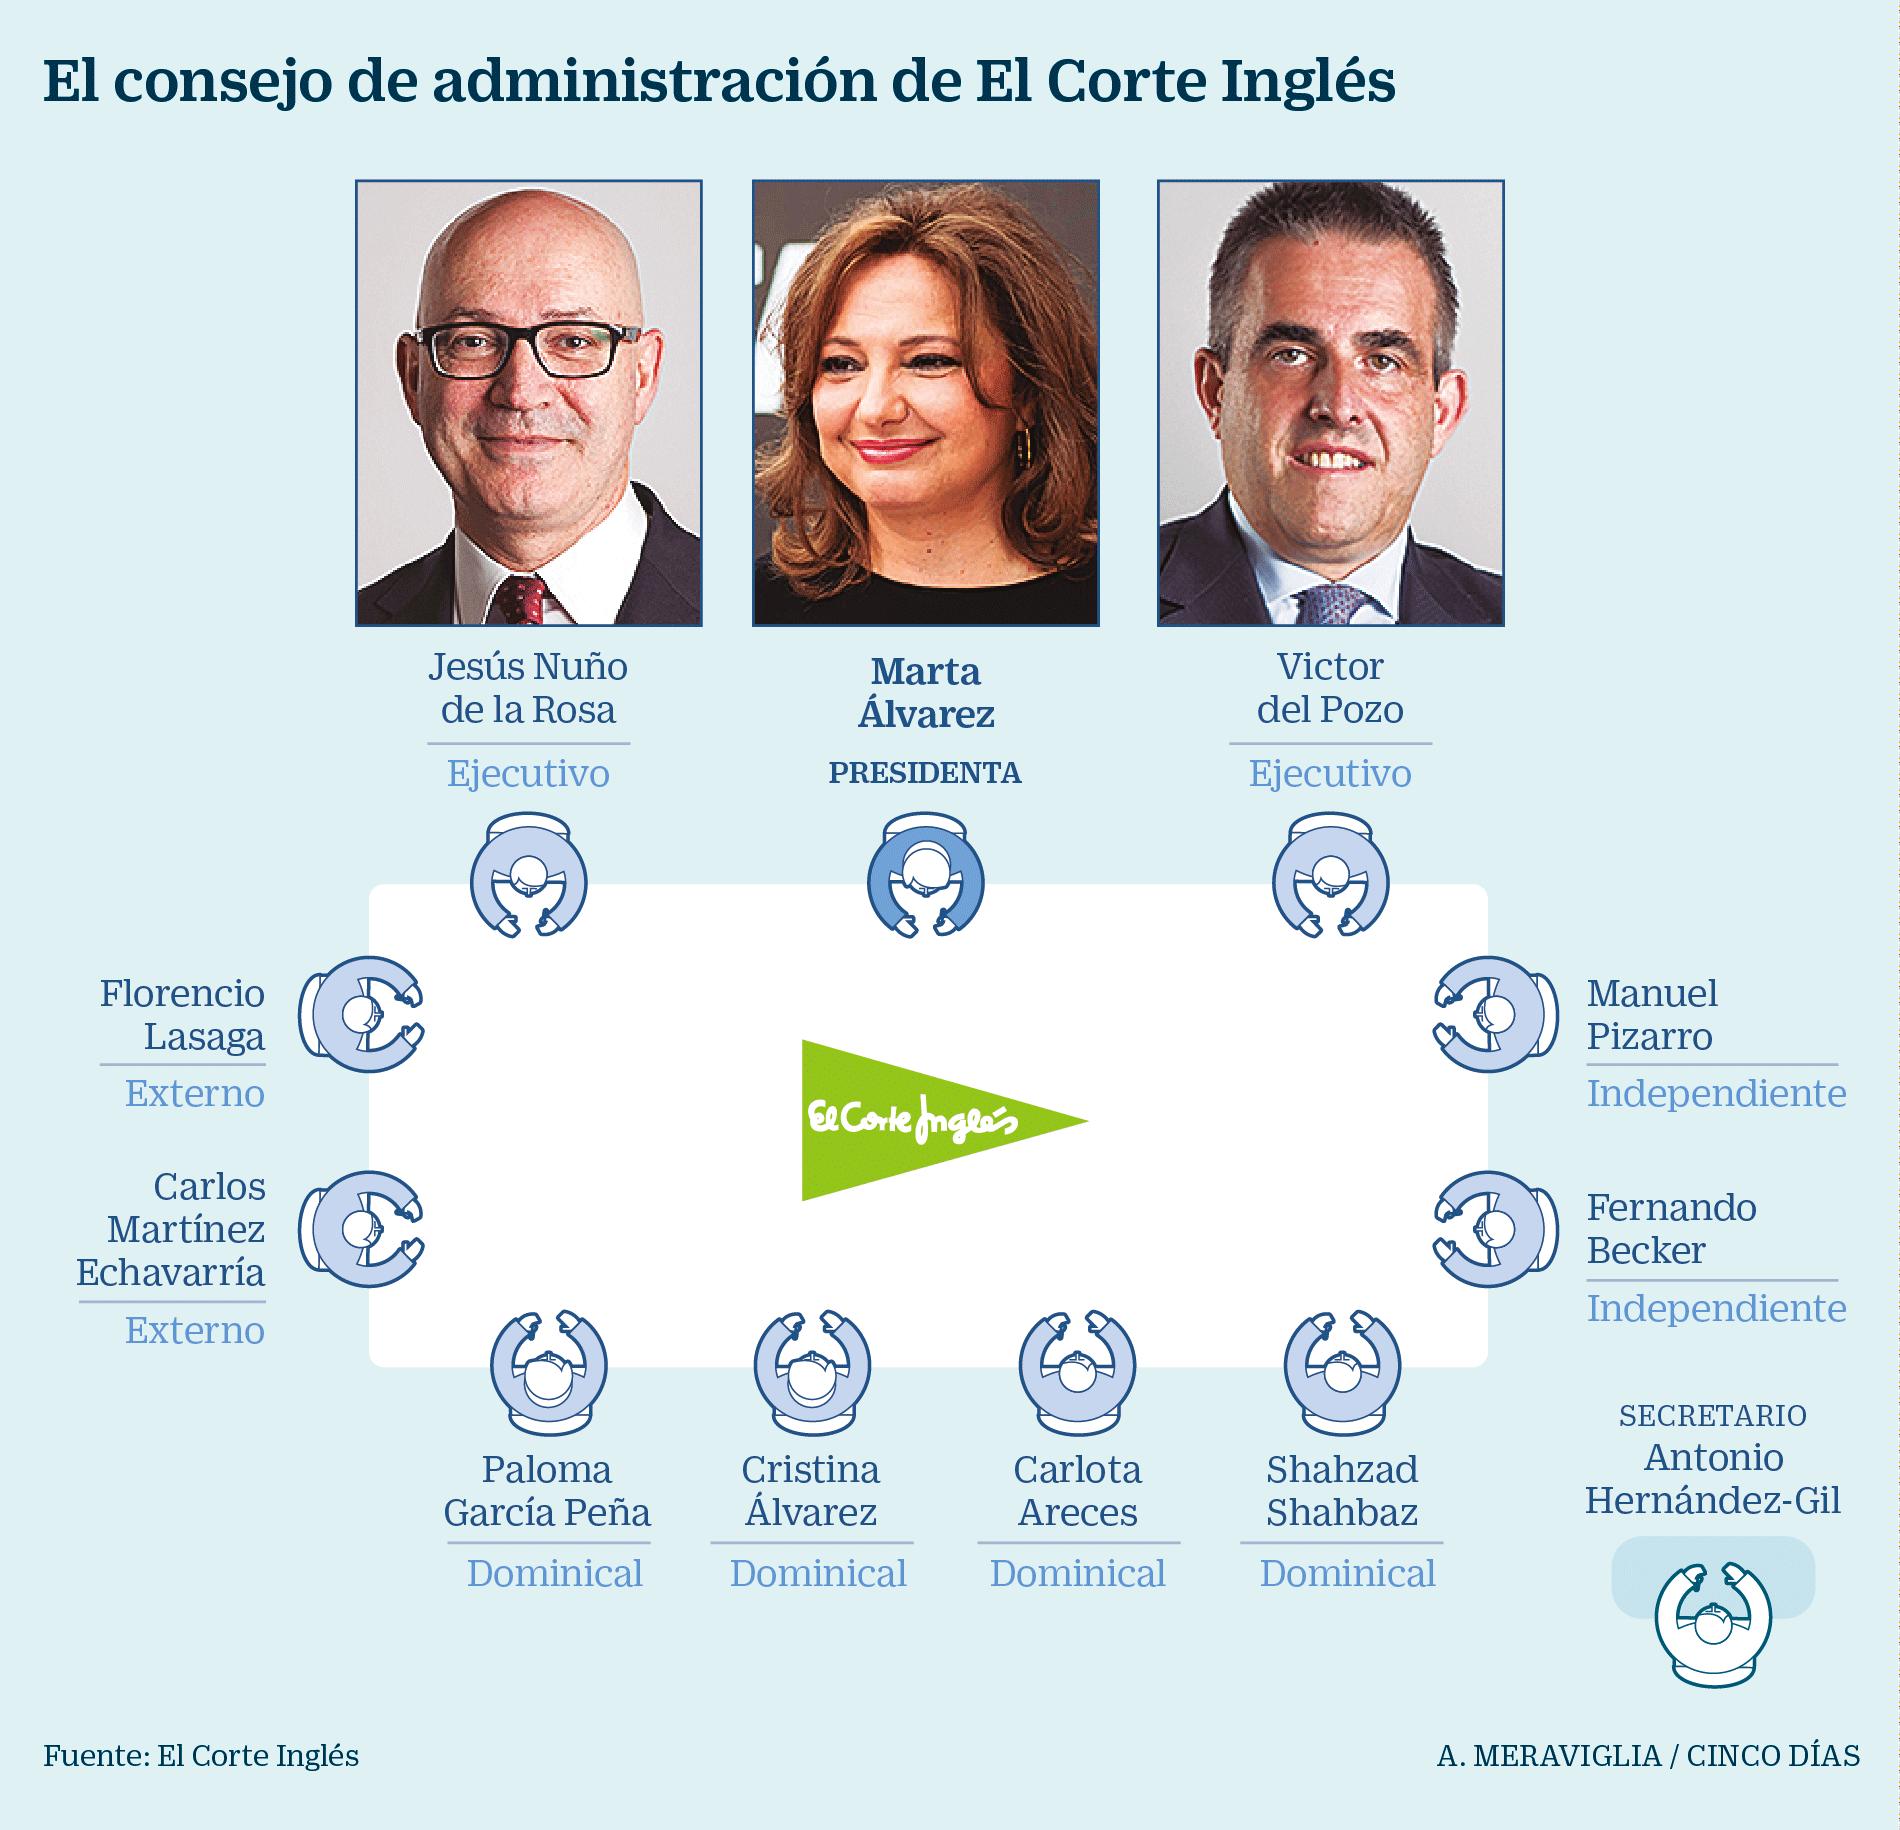 Marta Álvarez asume hoy la presidencia de El Corte Inglés